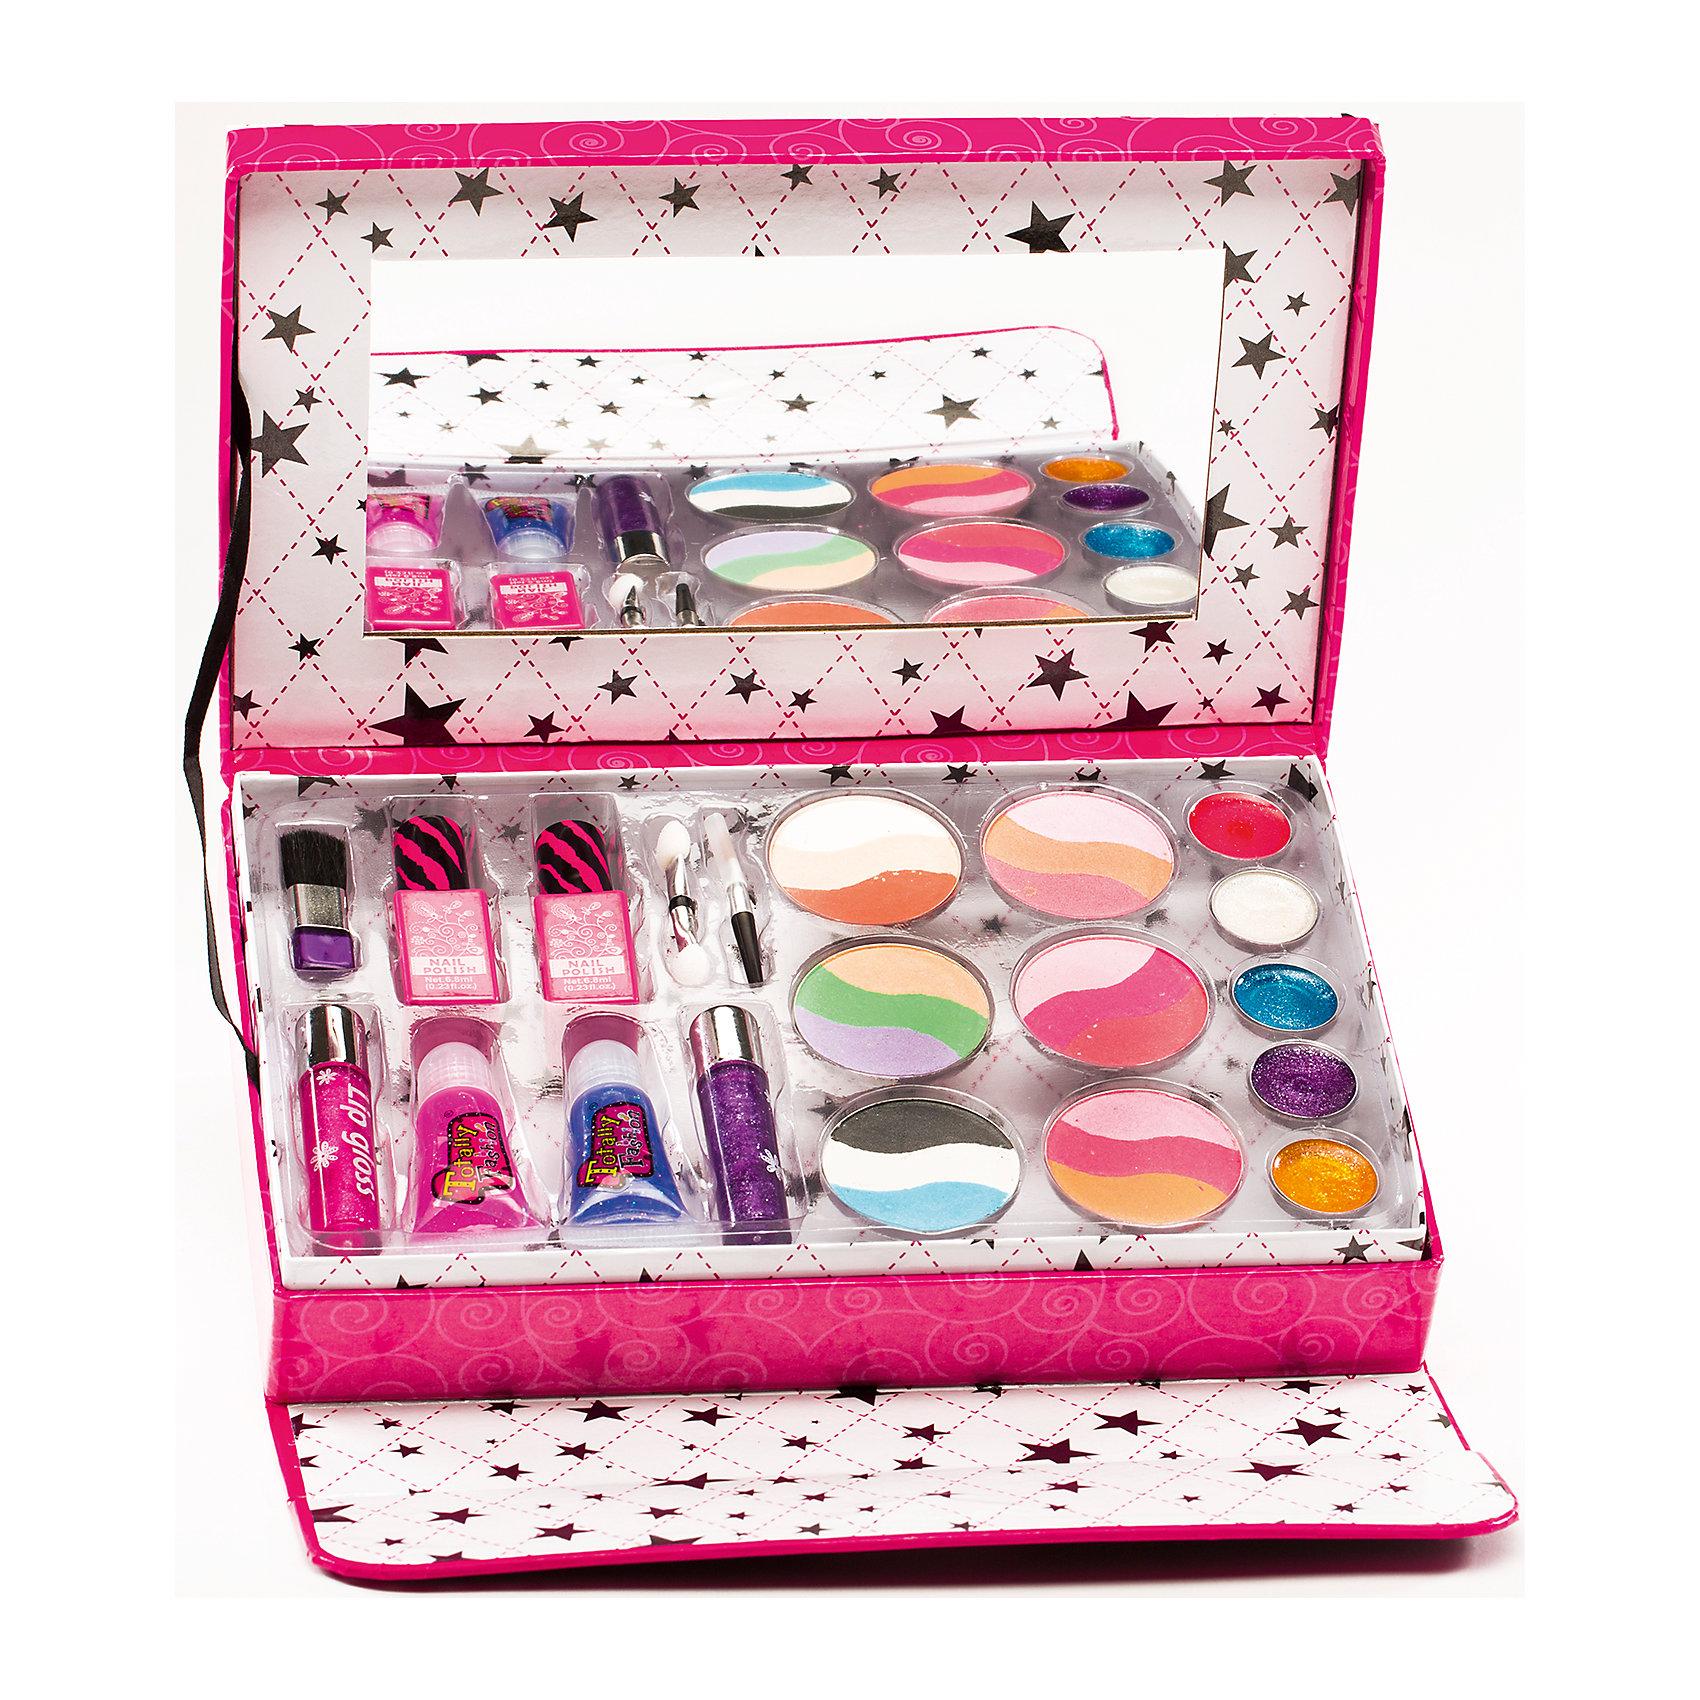 Игровой косметический набор Клатч, Totally FashionХарактеристики:<br><br>• Вид игрушек: детская косметика<br>• Пол: для девочки<br>• Материал: пластик, натуральные компоненты и красители<br>• Цвет: оттенки розового, голубой, бежевый и др.<br>• Форма футляра: прямоугольная<br>• Комплектация: <br> блеск для губ – 7 тонов<br> румяна – 4 тона <br> лак для ногтей – 2 тона <br> аппликатор – 1 шт. <br> кисточка – 1 шт.<br>• Размер упаковки(Д*Ш*В): 22,5*4,5*14,5 см<br>• Вес: 400 г<br>• Упаковка: клатч<br>• Допускается сухая и влажная чистка футляра снаружи<br><br>Игровой косметический набор Клатч, Totally Fashion – это набор от мирового лидера в производстве натуральной и безопасной косметики как для взрослых, так и для детей. Линейка наборов Totally Fashion представляет собой яркие, безопасные и оригинальные косметические наборы для девочек. Используемые в производстве ингредиенты и материалы имеют международные сертификаты безопасности. <br><br>Декоративные румяна и блеск легко смываются теплой водой, не оставляют пятен на одежде и не вызывают раздражение. В палитре оттенков имеются самые модные и стильные оттенки. В наборе предусмотрены две кисточки разных размеров, которые позволят аккуратно нанести макияж. Косметический набор выполнен в оригинальном виде: коробочка-клатч, выполненная в брендовом дизайне, на внутренней стороне крышки которой предусмотрено зеркальце. <br><br>Игровой косметический набор Клатч, Totally Fashion станет идеальным подарком для девочки к любому празднику.<br><br>Игровой косметический набор Клатч, Totally Fashion можно купить в нашем интернет-магазине.<br><br>Ширина мм: 220<br>Глубина мм: 45<br>Высота мм: 145<br>Вес г: 400<br>Возраст от месяцев: 60<br>Возраст до месяцев: 120<br>Пол: Женский<br>Возраст: Детский<br>SKU: 5418939